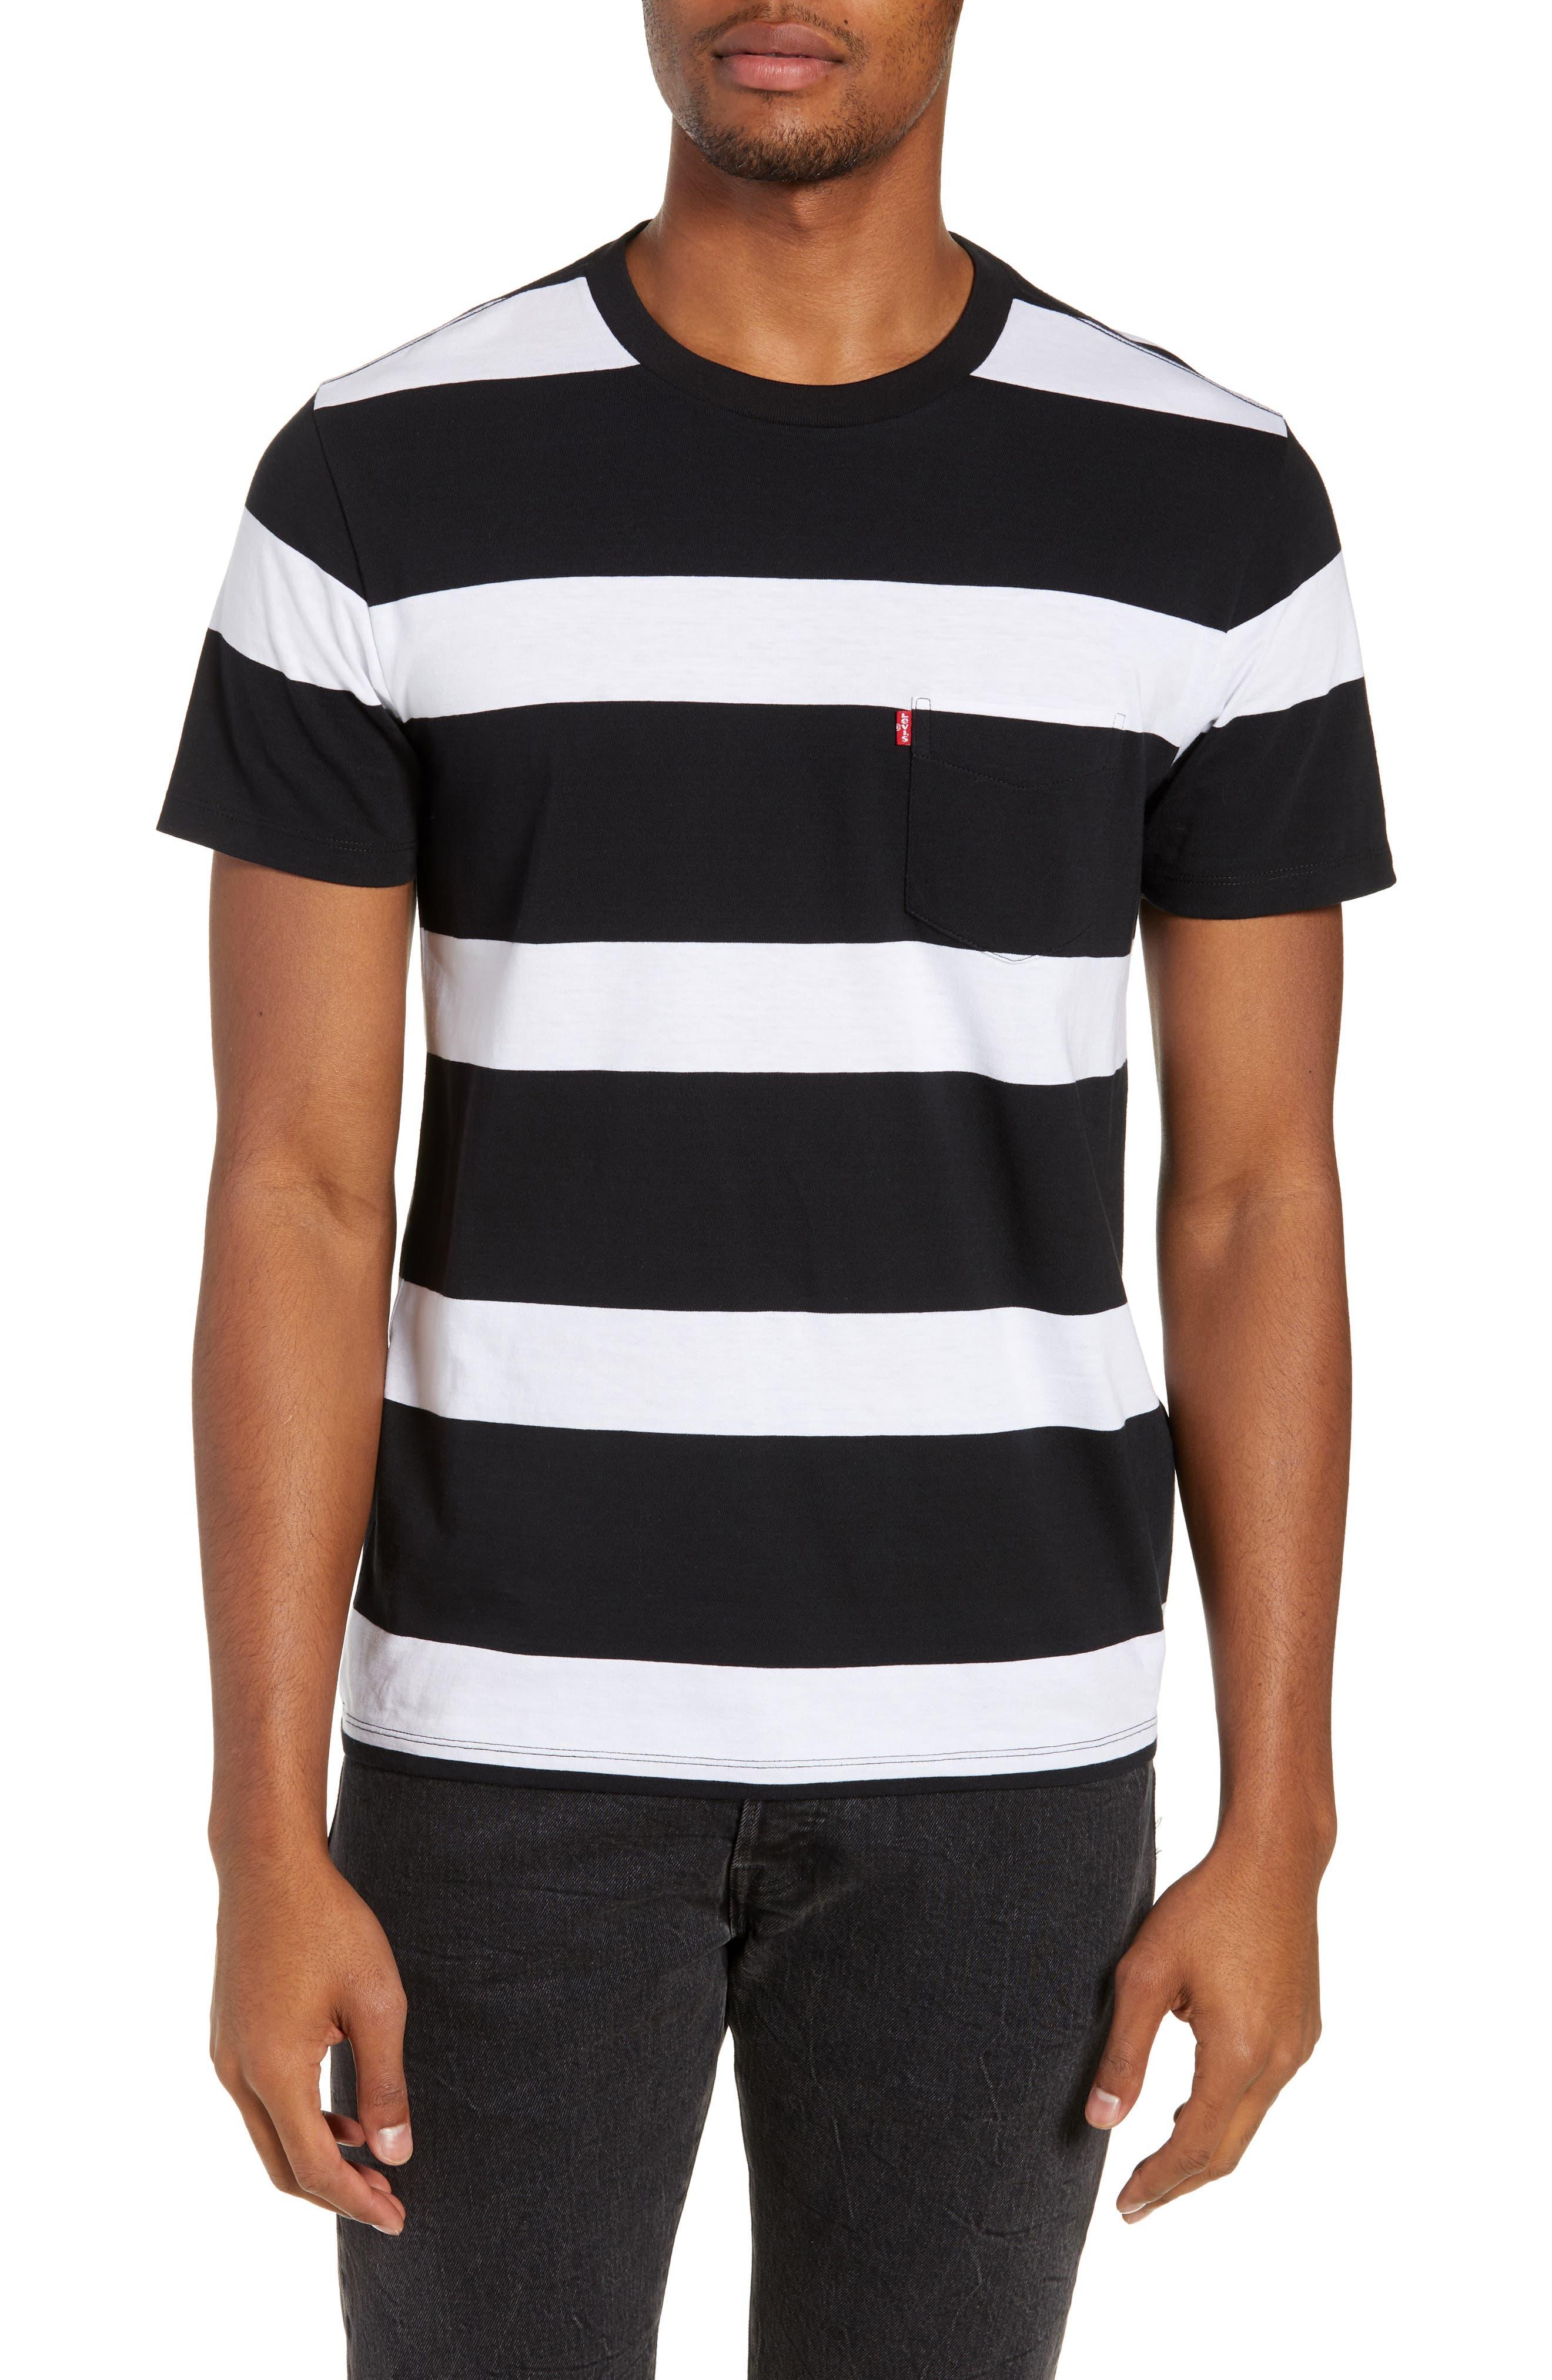 Pocket T-Shirt,                             Main thumbnail 1, color,                             BLACK/ WHITE STRIPES